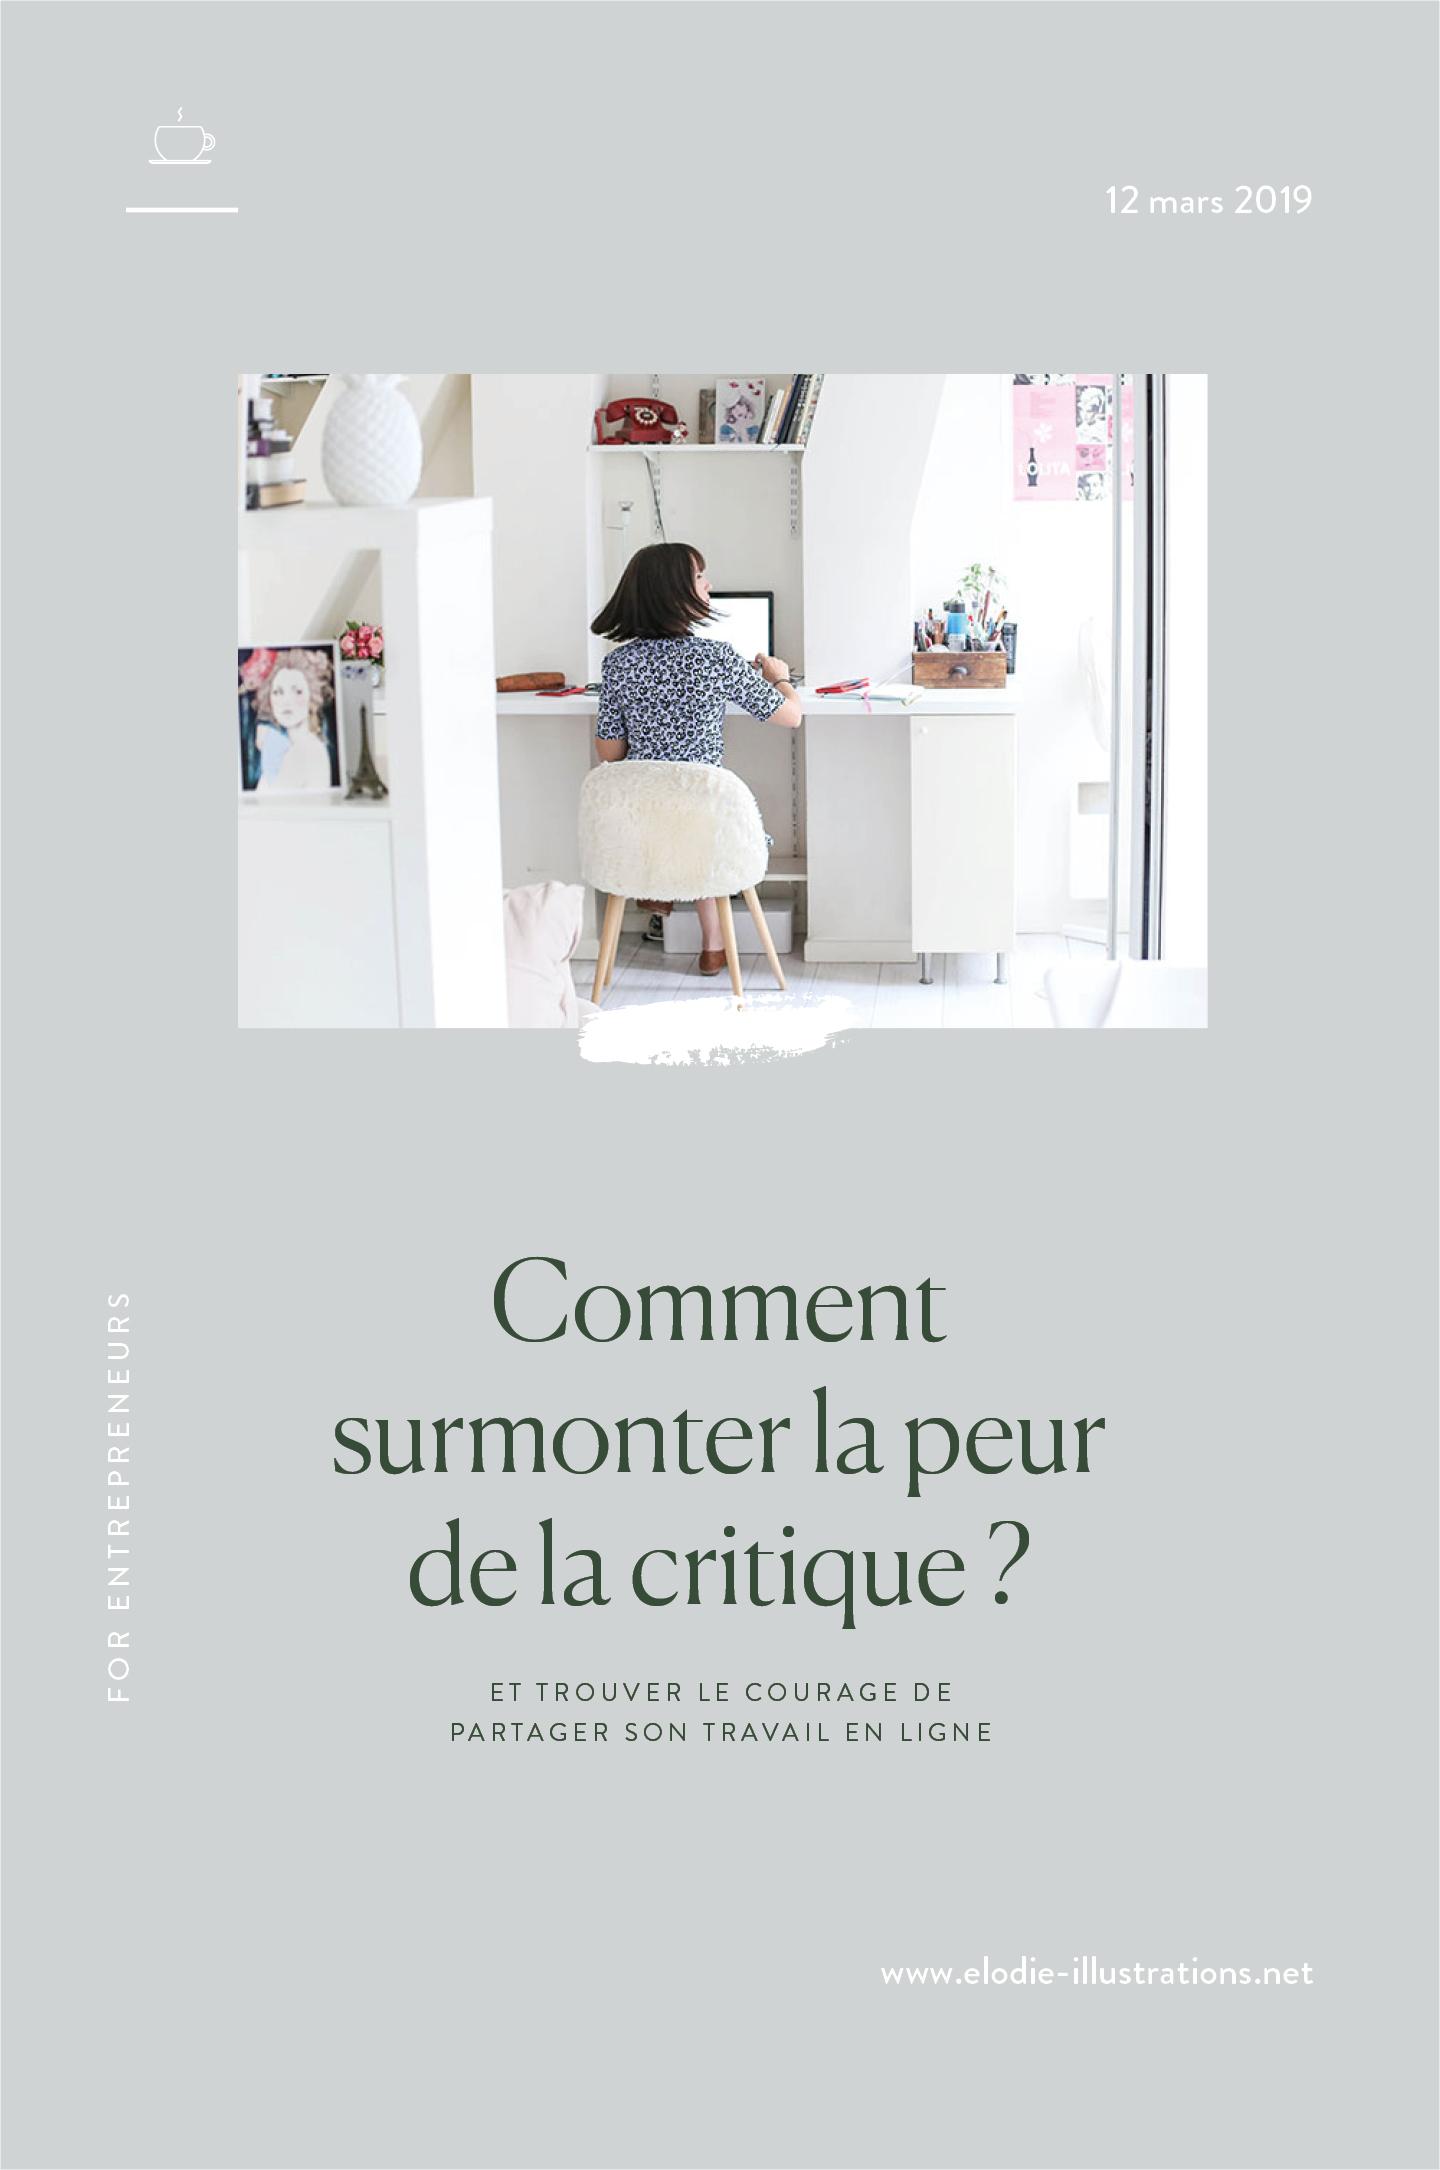 Comment surmonter la peur de la critique et trouver le courage de partager son travail en ligne ? | Cliquez pour découvrir l'article